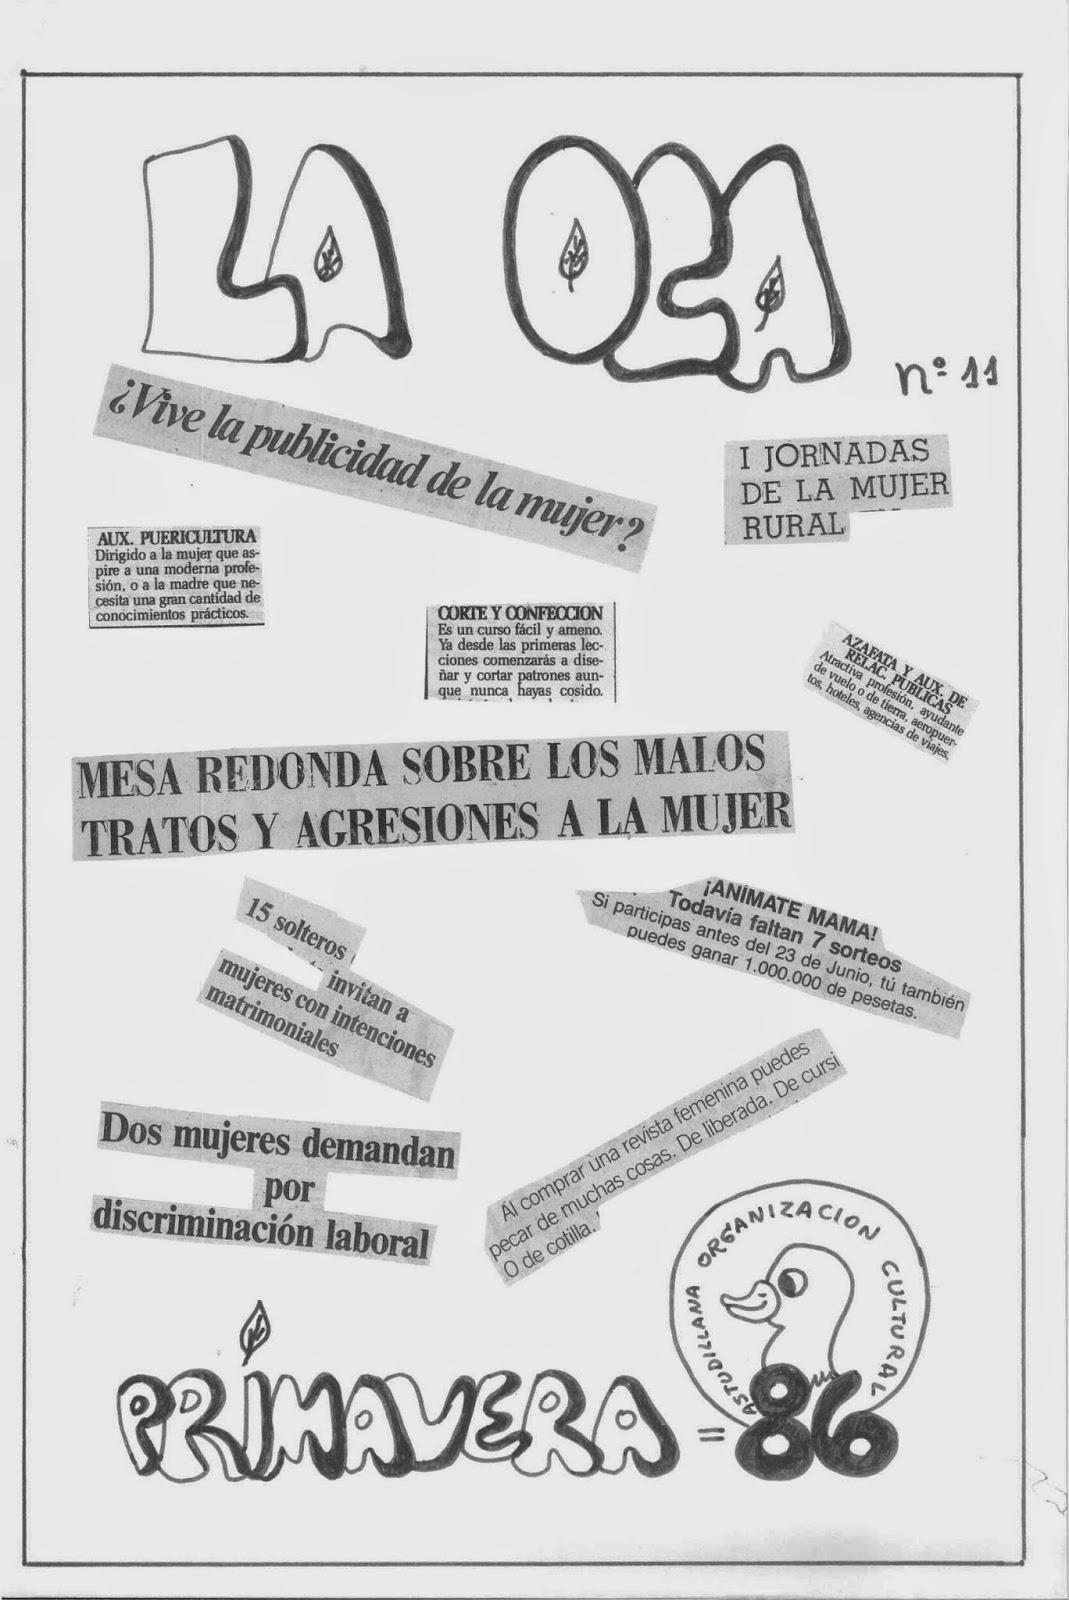 http://es.scribd.com/doc/223269612/La-Oca-n-11-Primavera-86